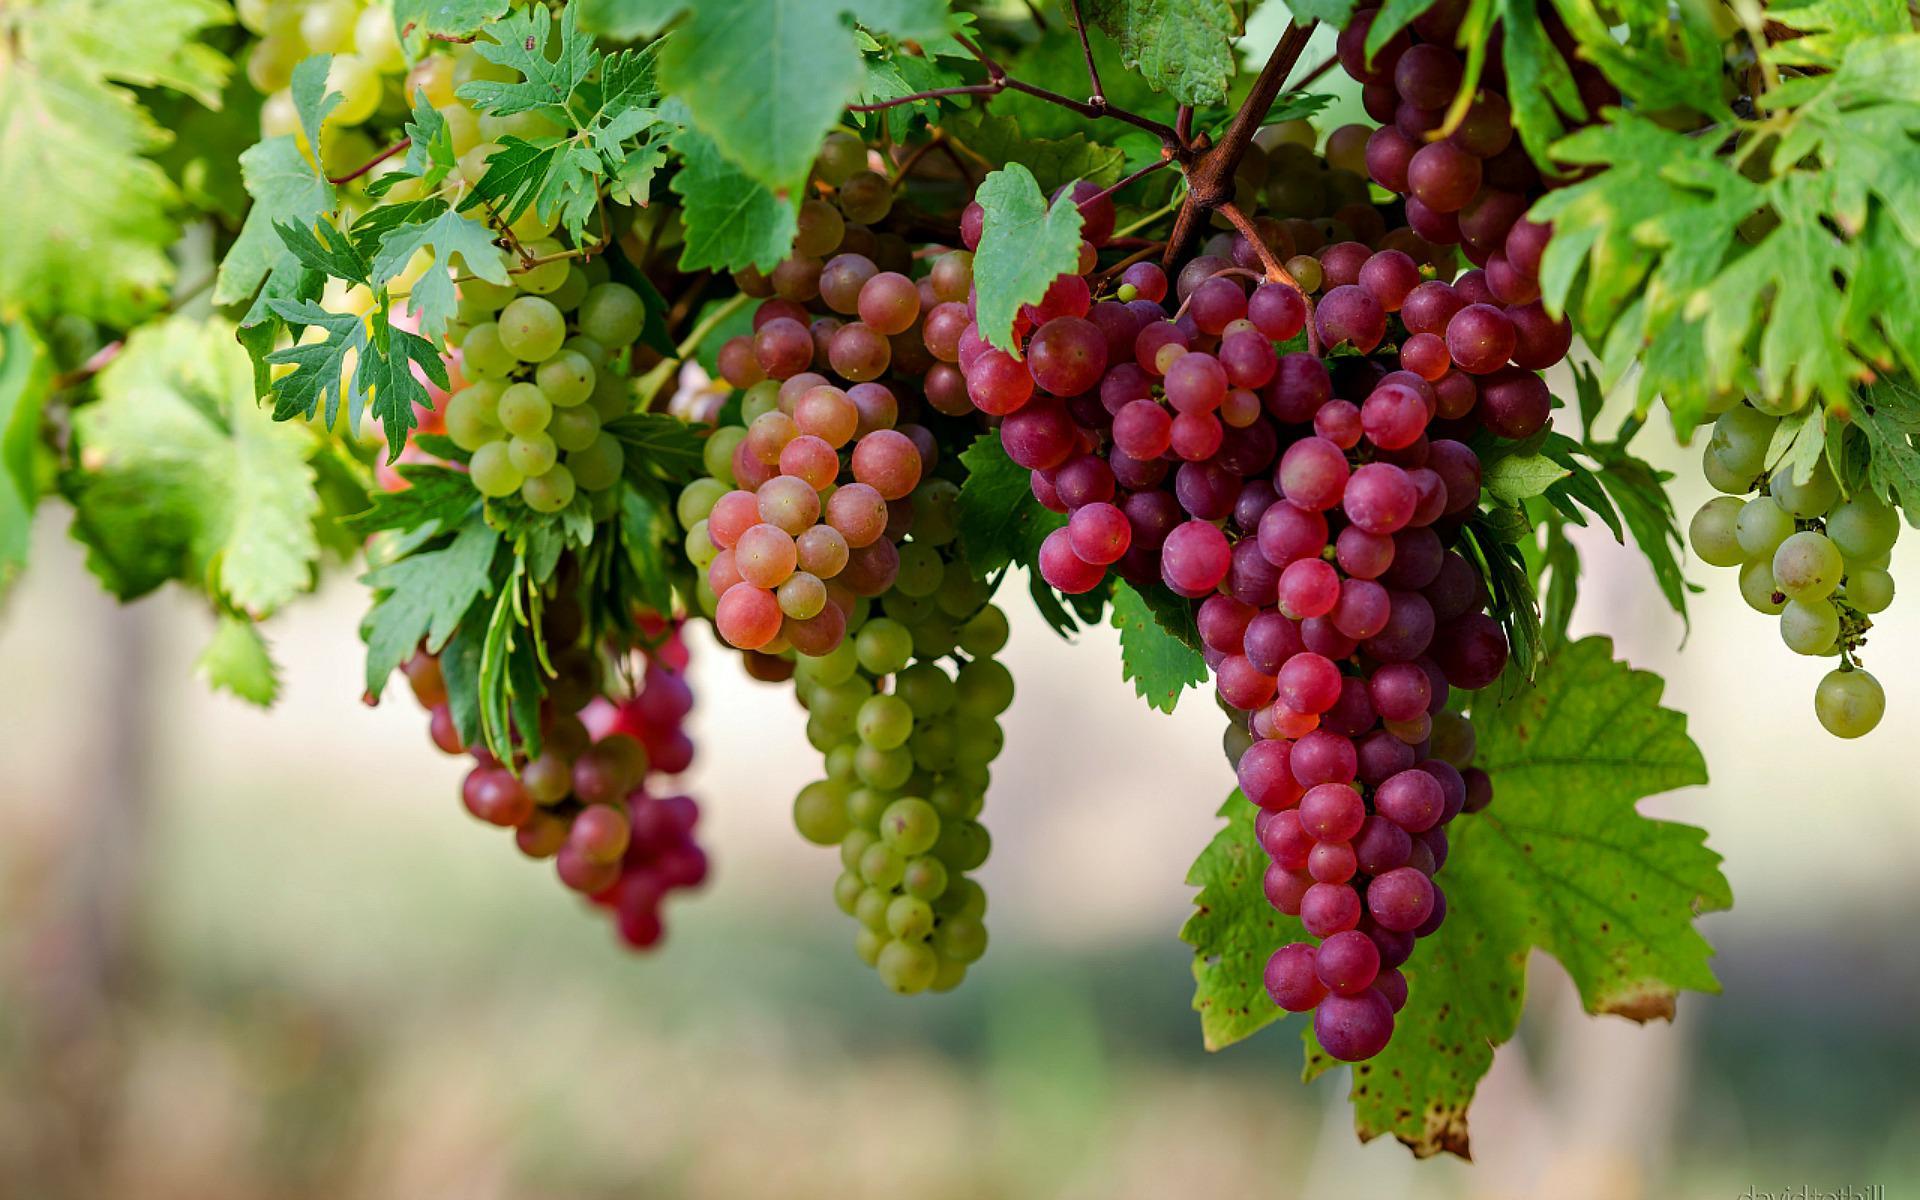 History of Grapes: Grapes